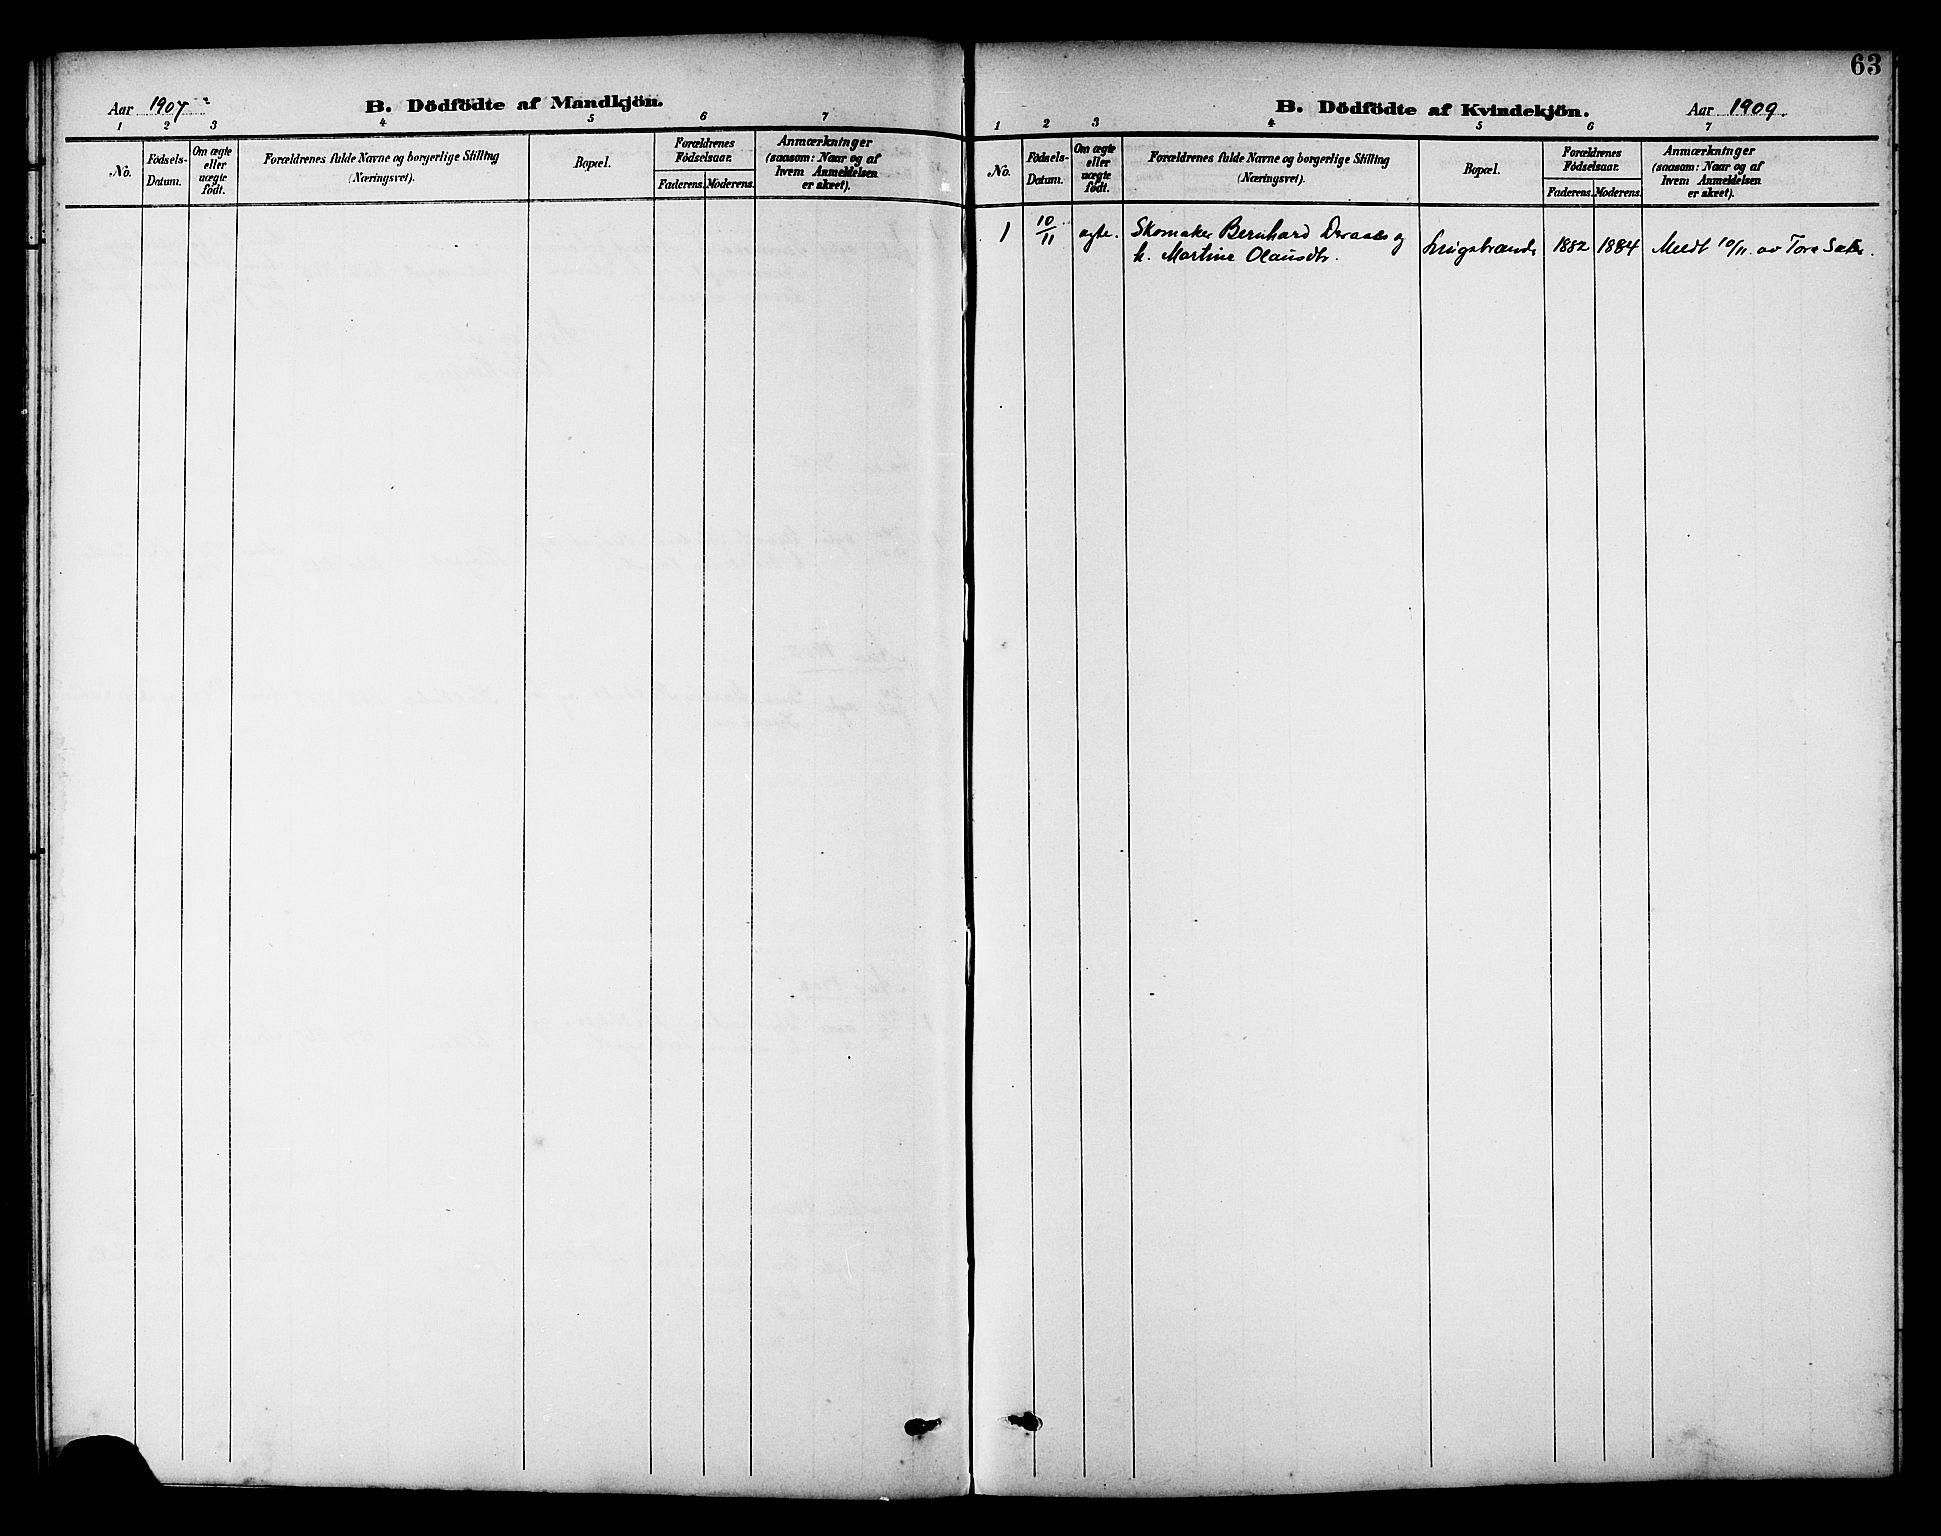 SAT, Ministerialprotokoller, klokkerbøker og fødselsregistre - Nord-Trøndelag, 742/L0412: Klokkerbok nr. 742C03, 1898-1910, s. 63